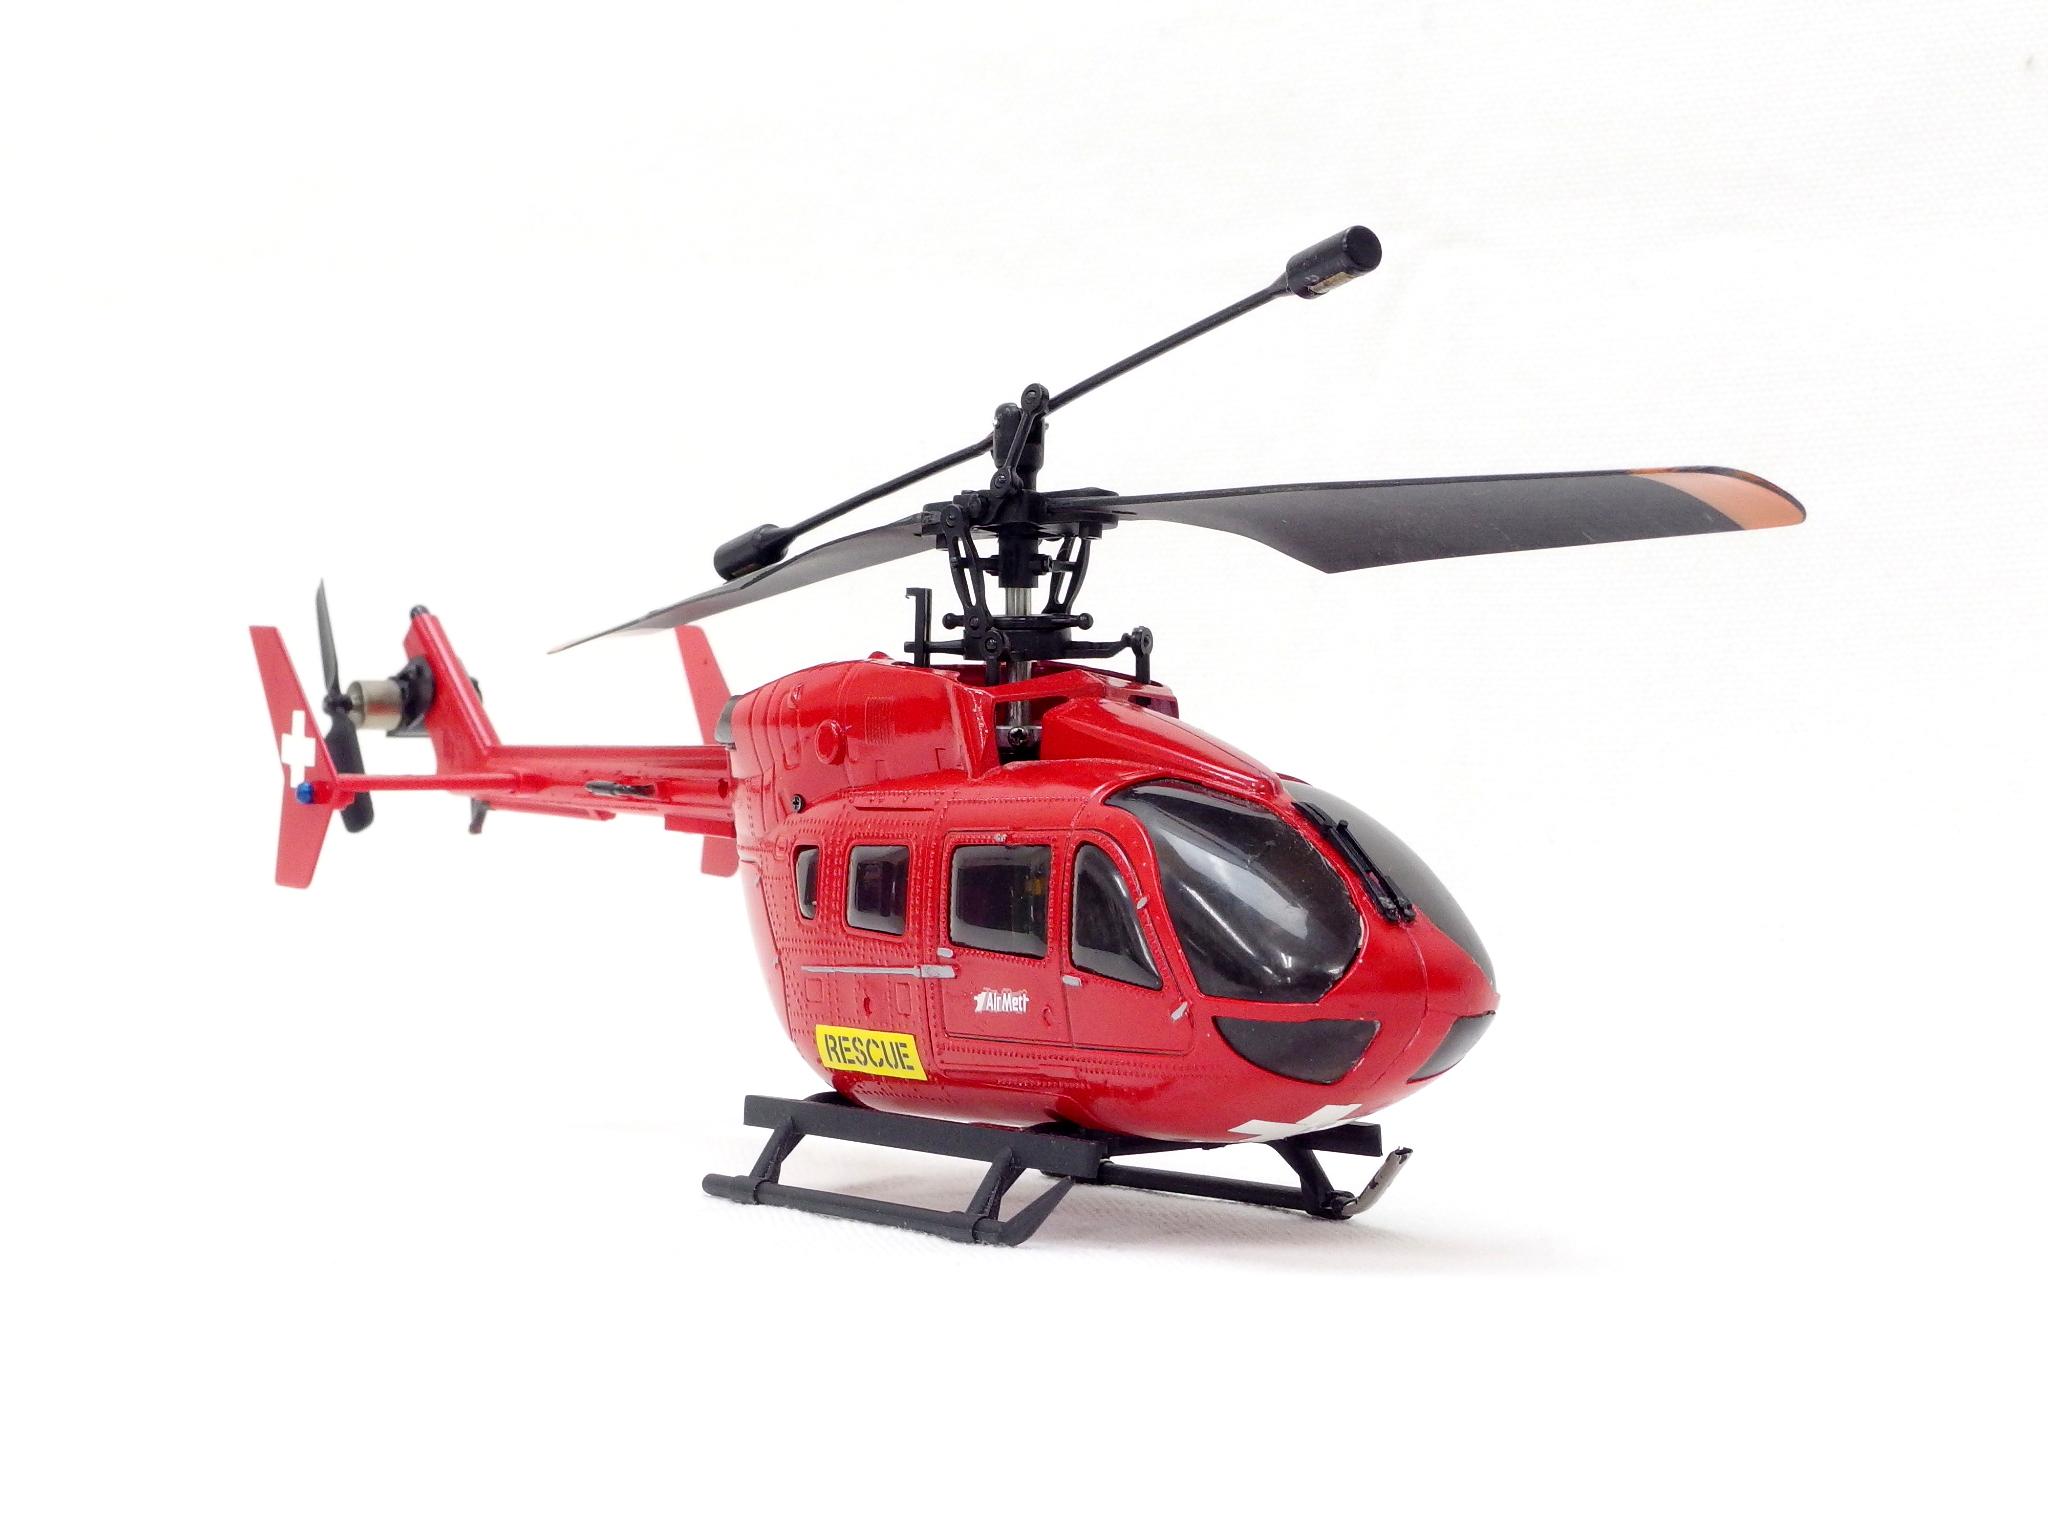 ナインイーグルス RCヘリコプター SOLO PRO 128 EC145